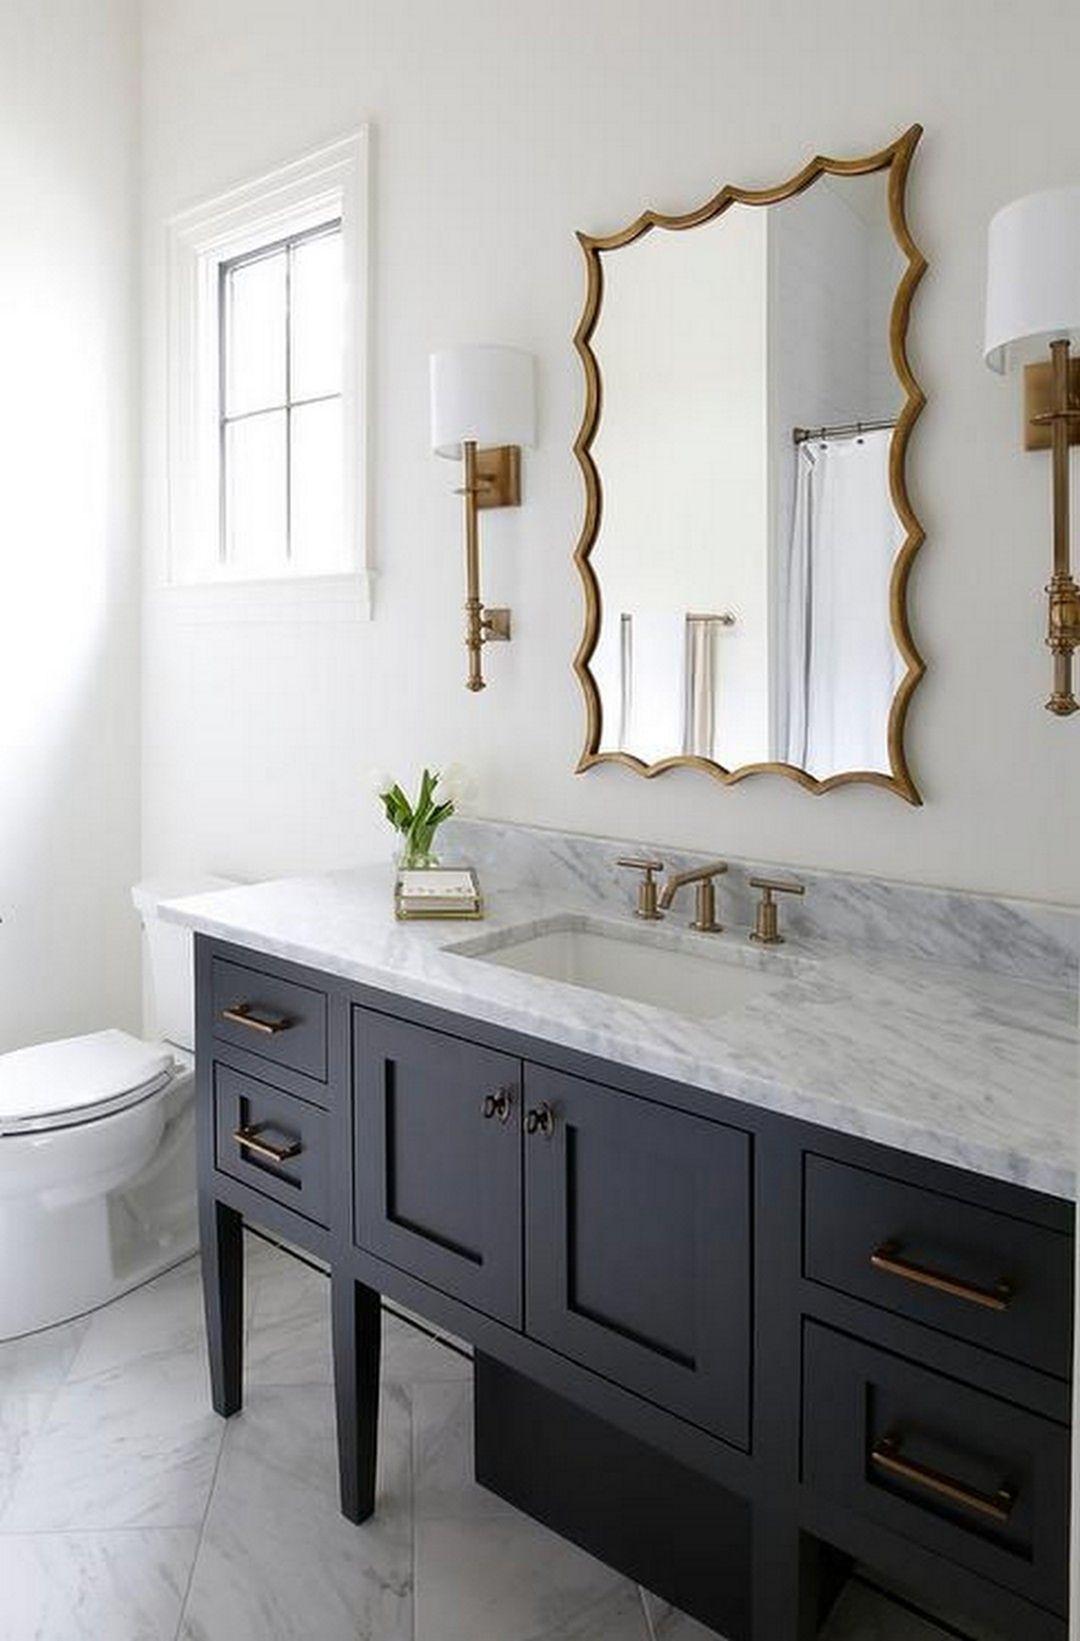 12 Elegant Black Bathroom Design Ideas You Can Try